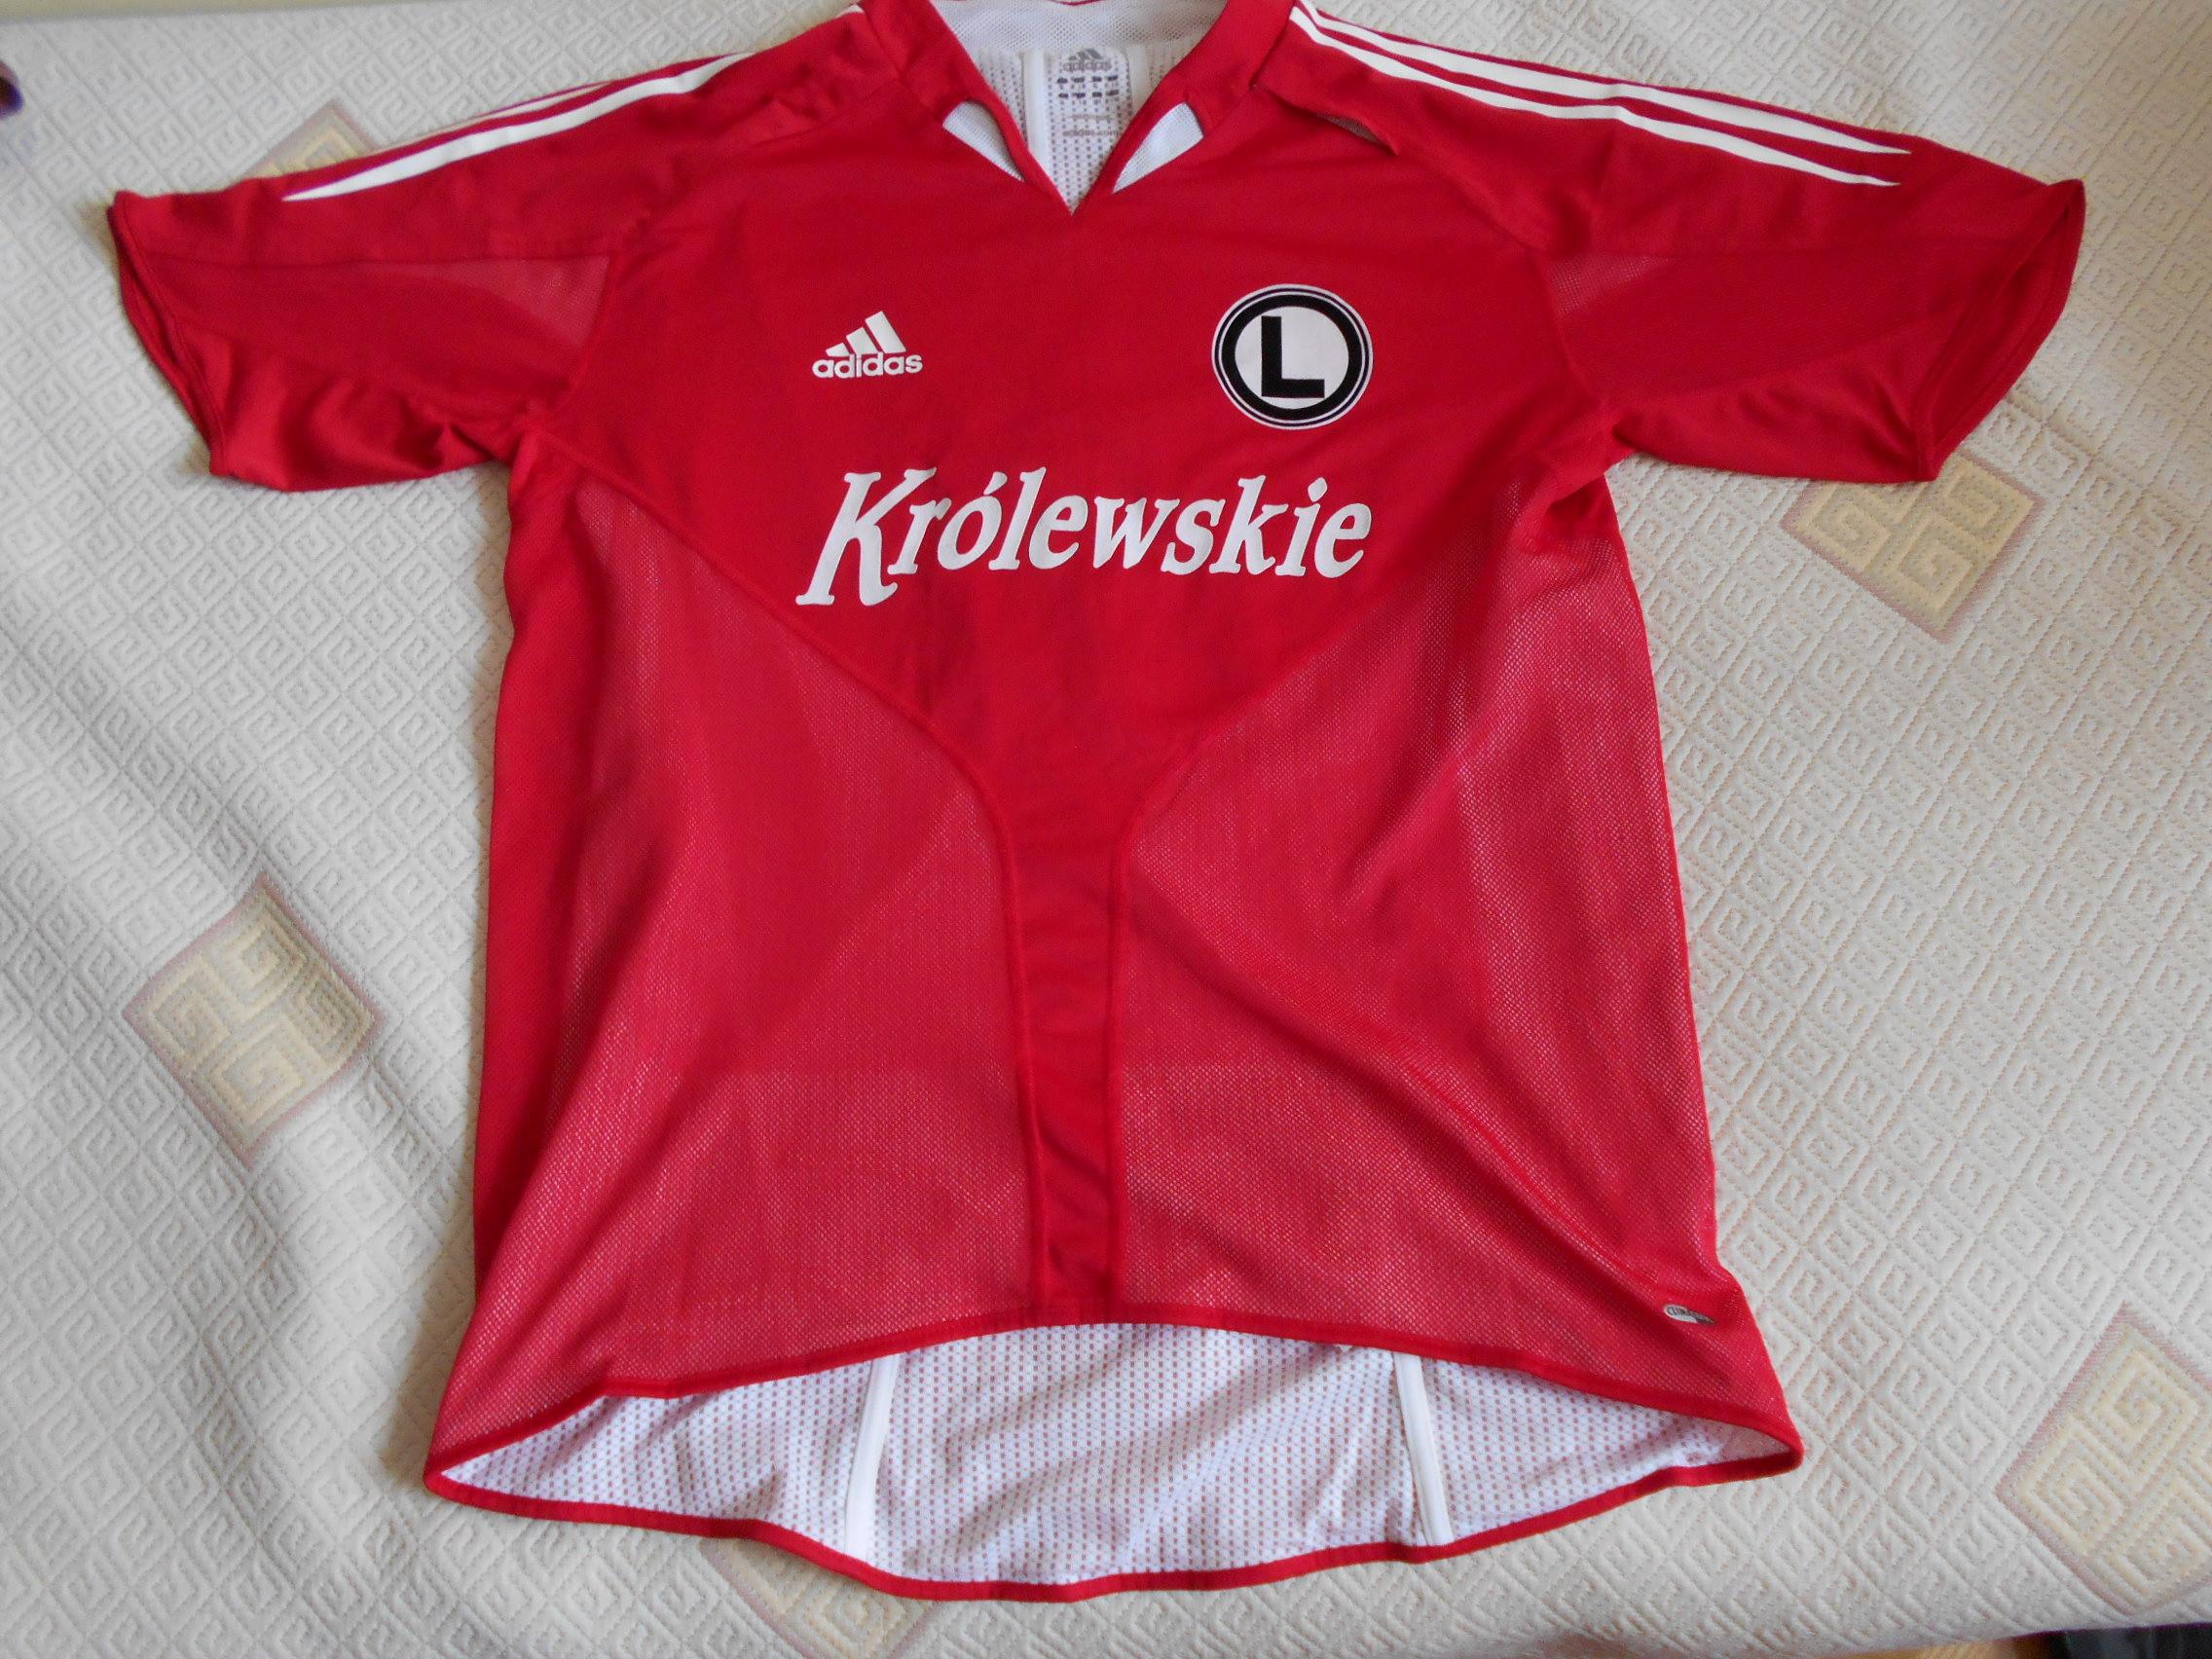 630bb4794802b Legia Warszawa koszulka sportowa adidas L. - 7418188374 - oficjalne ...